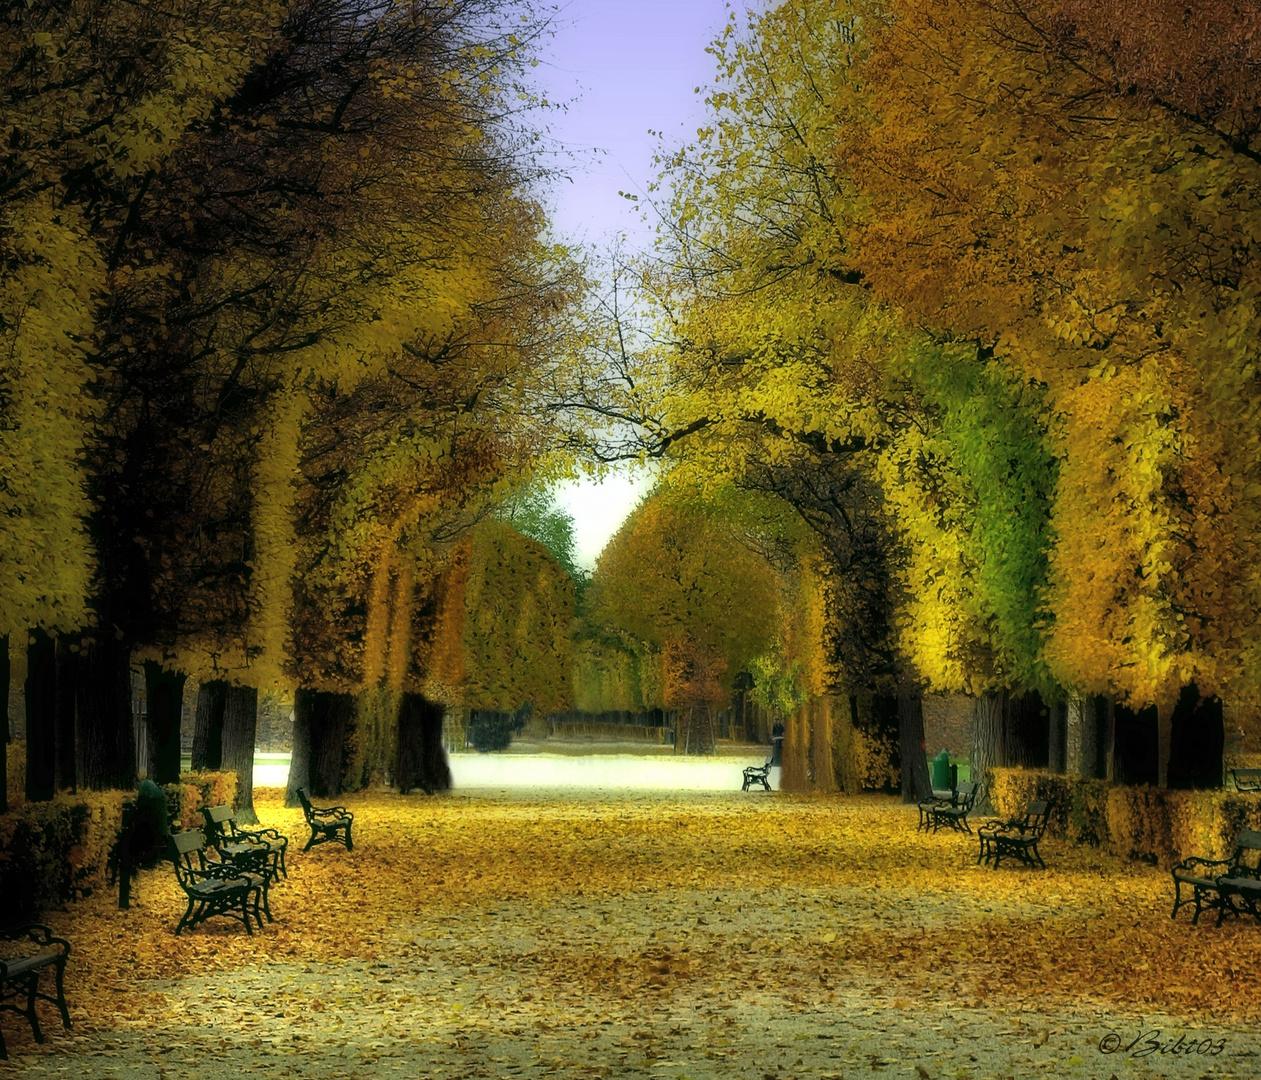 Wiener Herbst